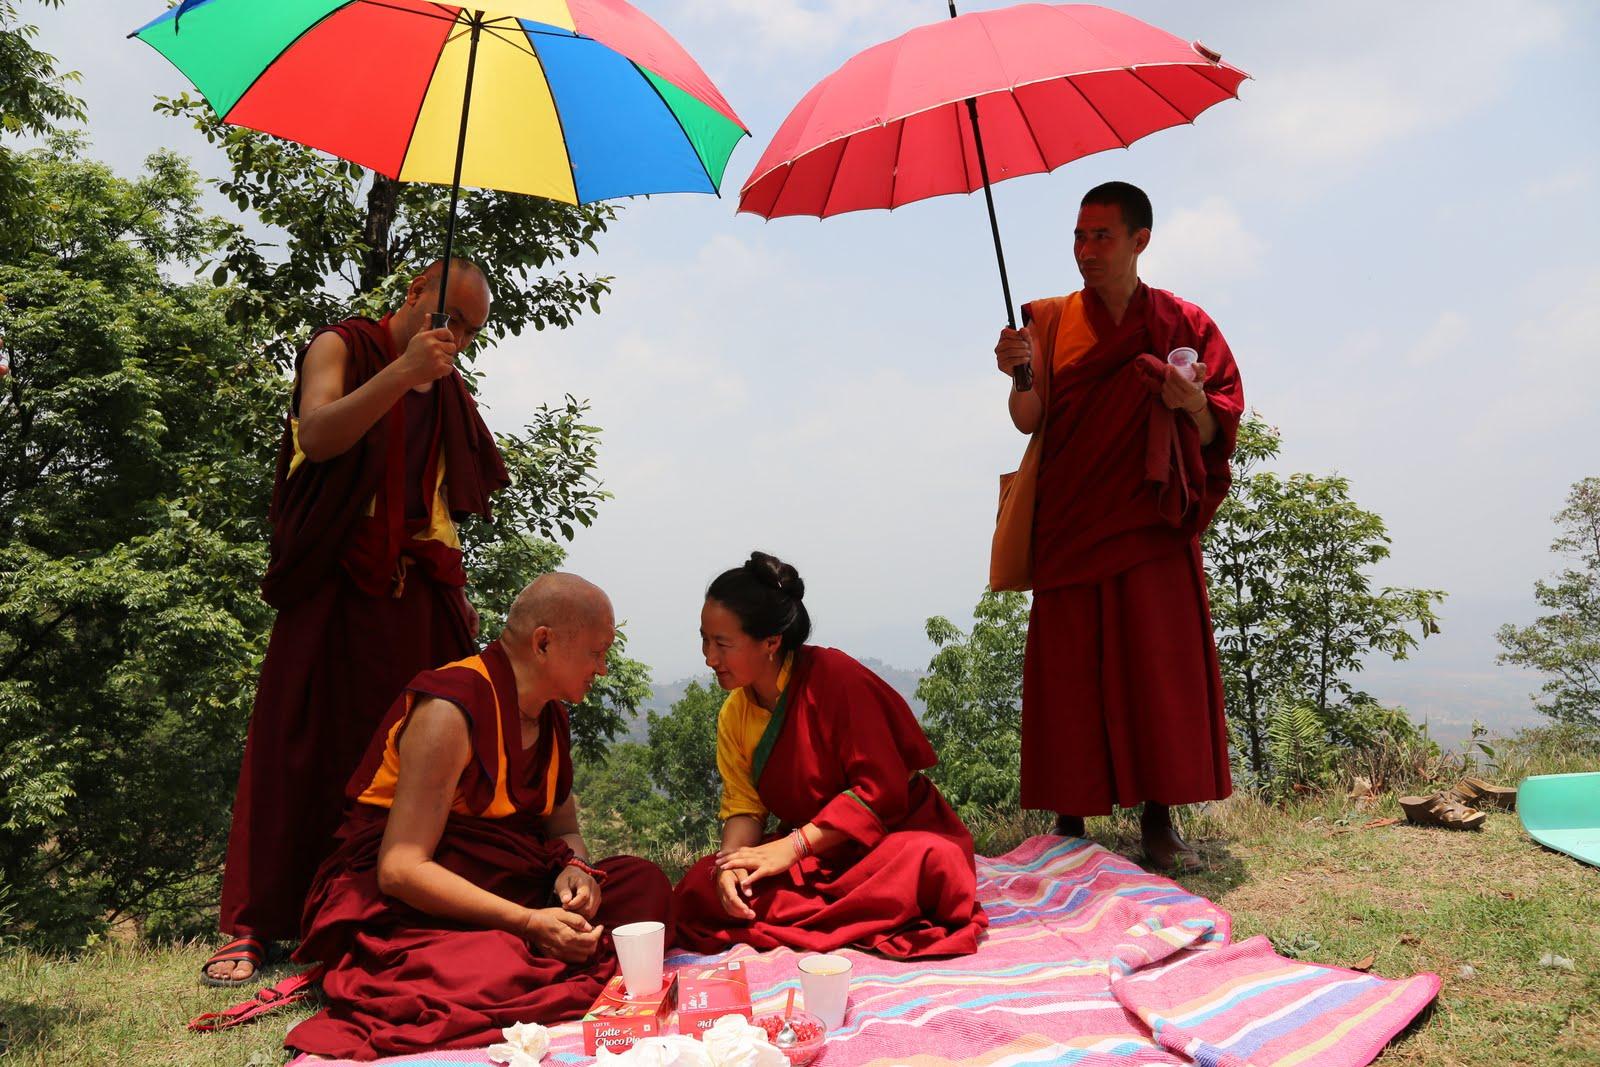 RinpocheandKhadro-lahighaboveKathmandu onpilgrimagetoaholyplaceofGuruRinpoche.Photo byVen. ThubtenKunsangMay7, 2013